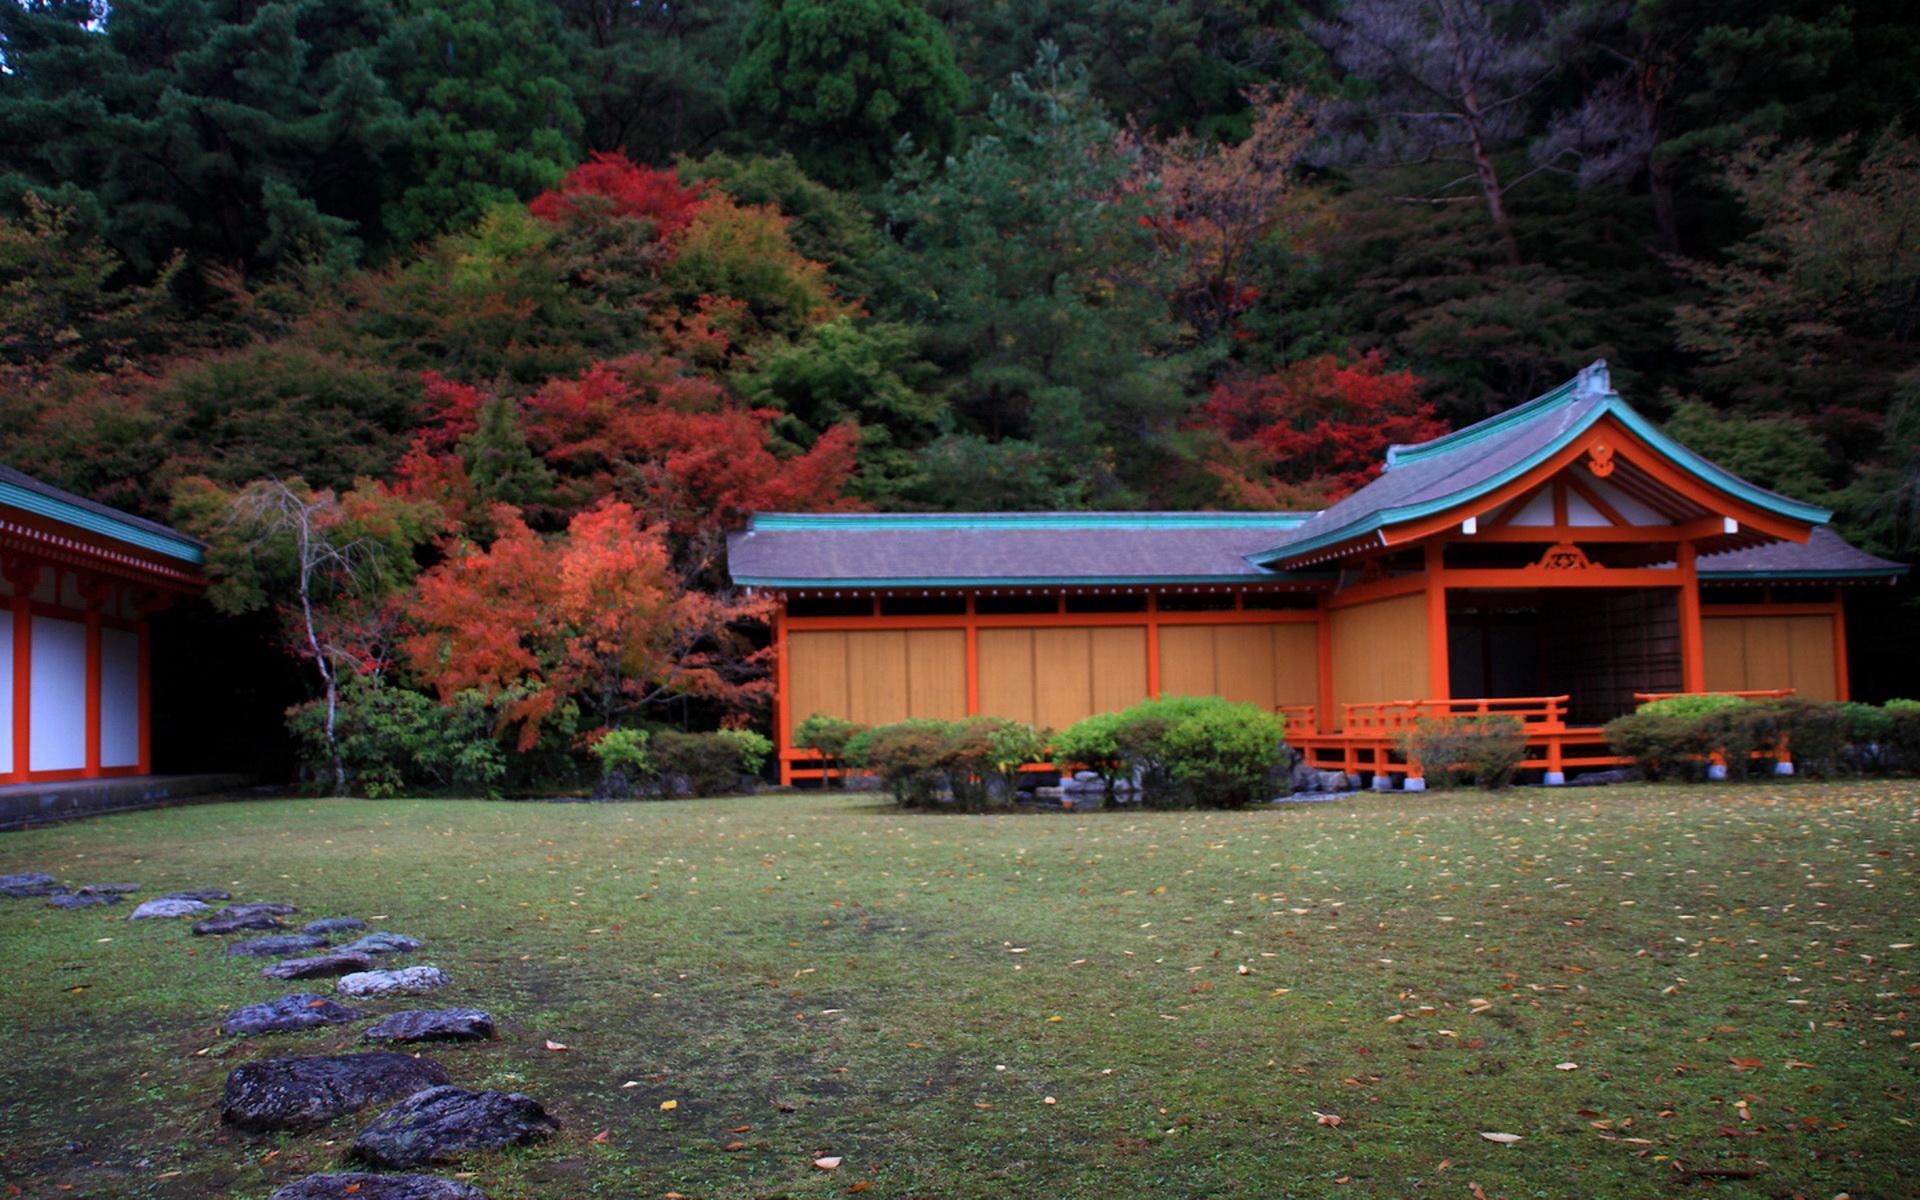 壁纸 日本 红叶/日本红叶...